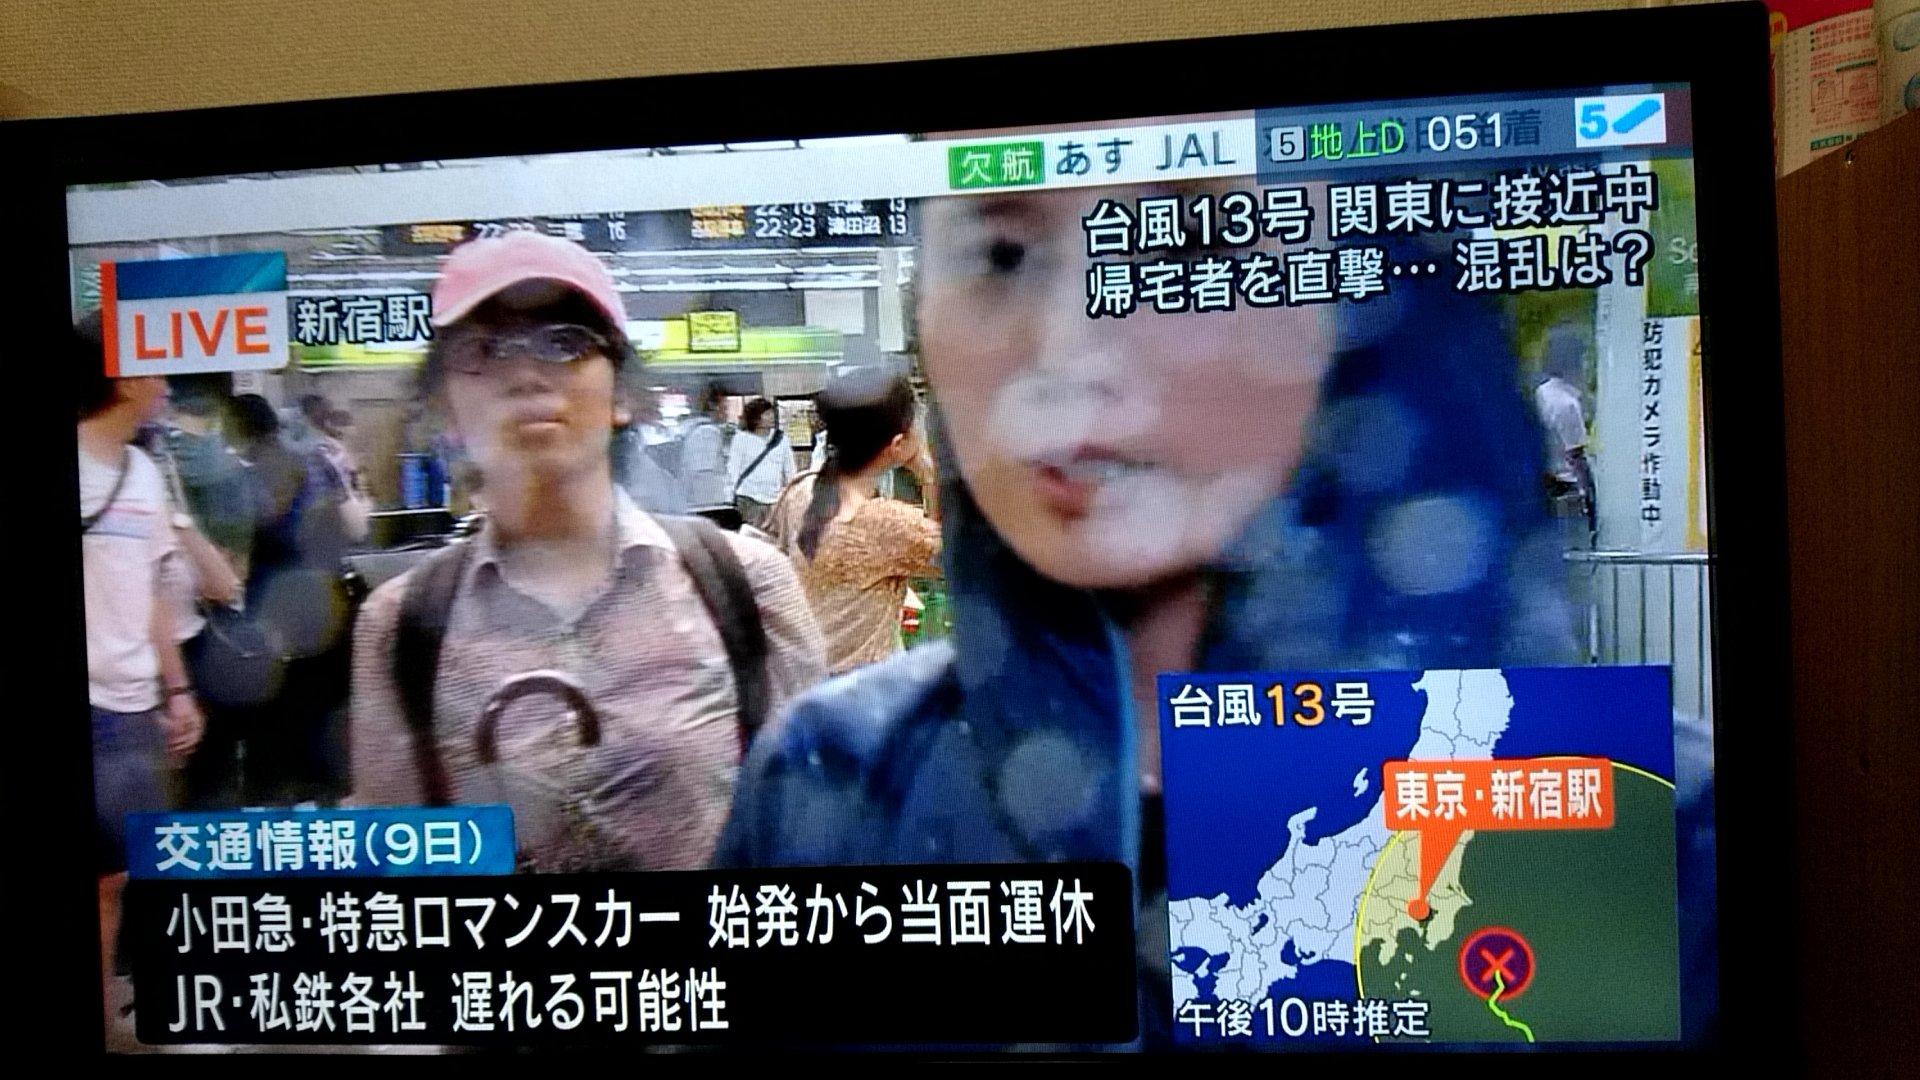 画像,報道ステーションの台風中継にピンクキャップ眼鏡が必死に映り込んで来て草 https://t.co/z2j6PENK2G。